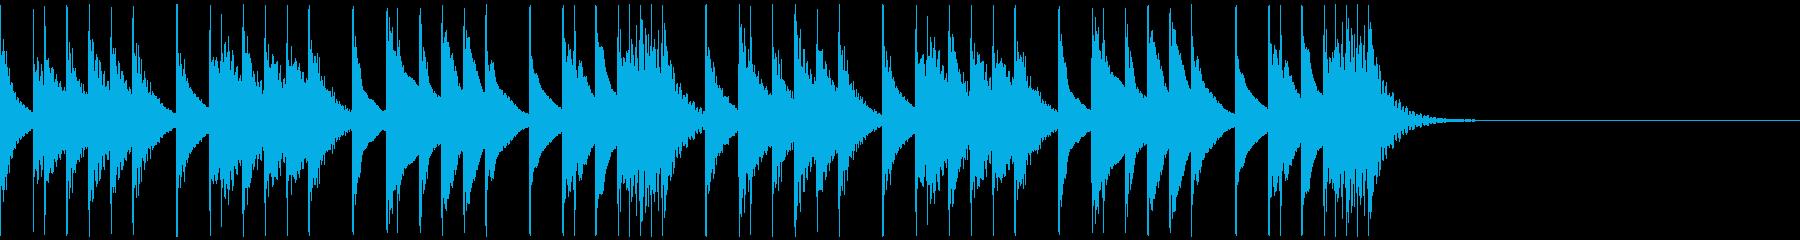 劇伴・コミカルなBGM:1の再生済みの波形